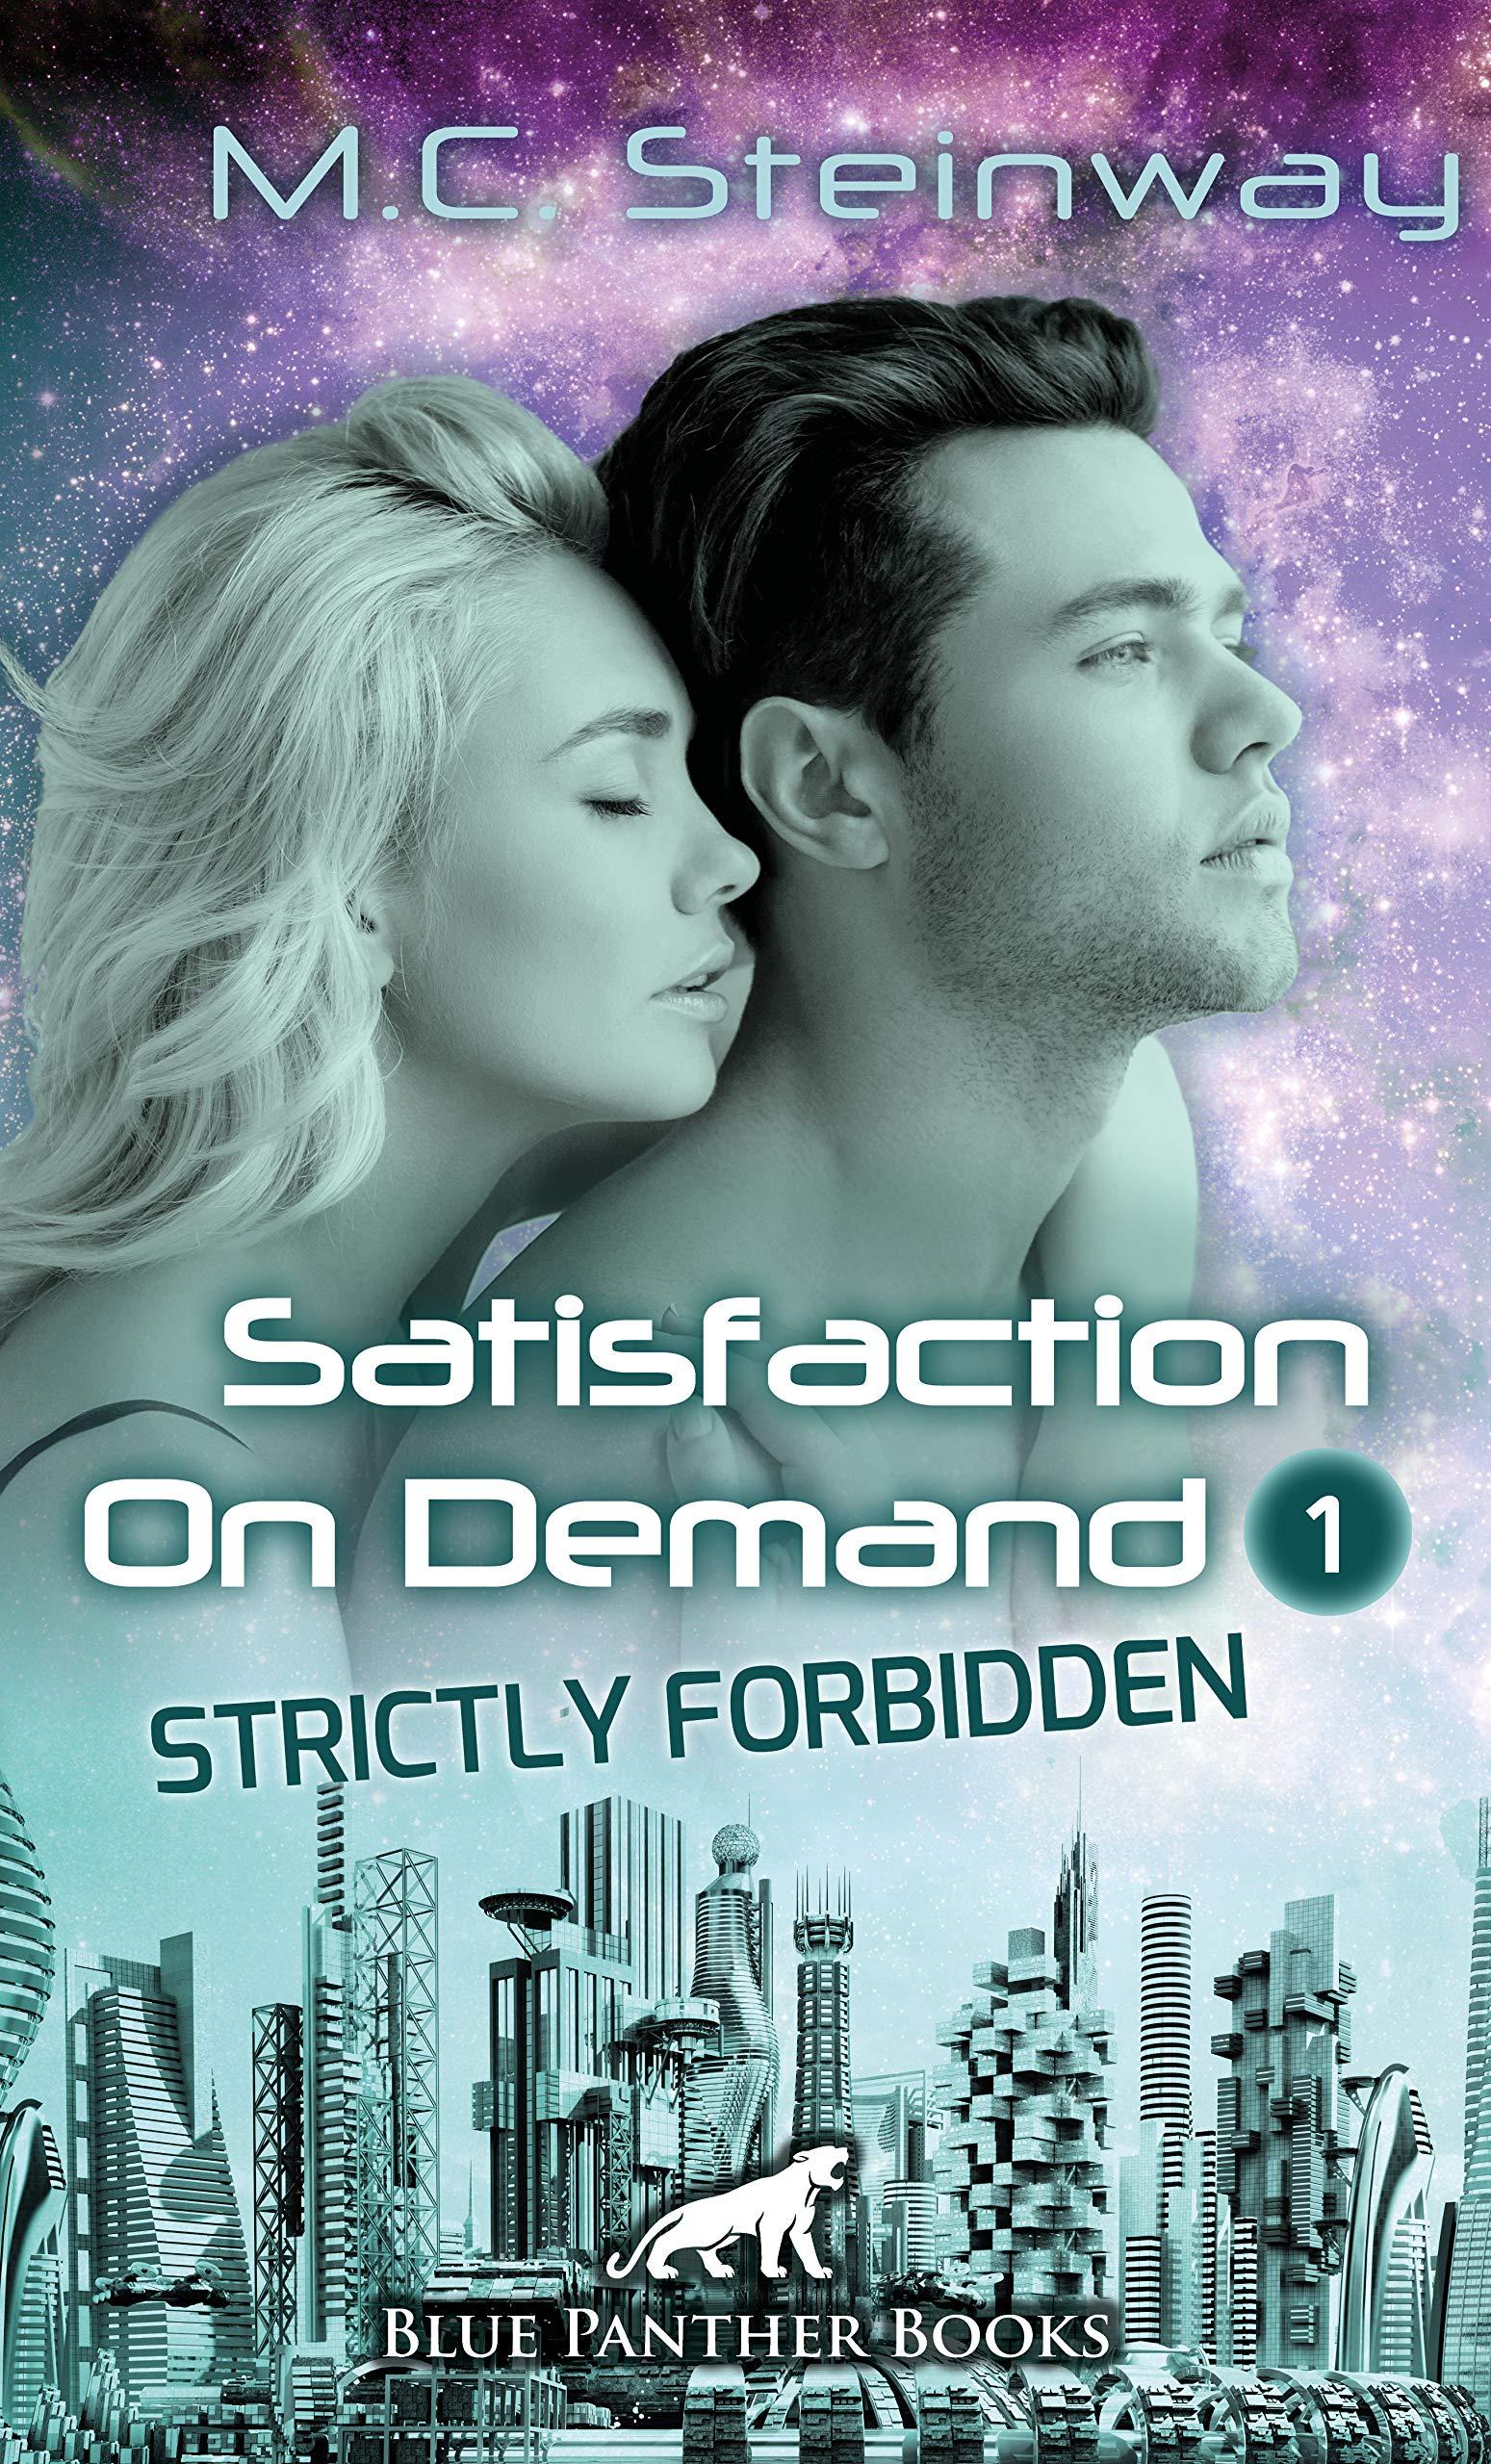 satisfaction-on-demand-1-strictly-forbidden-erotischer-scifi-roman-in-der-zukunft-dienen-die-mnner-den-frauen